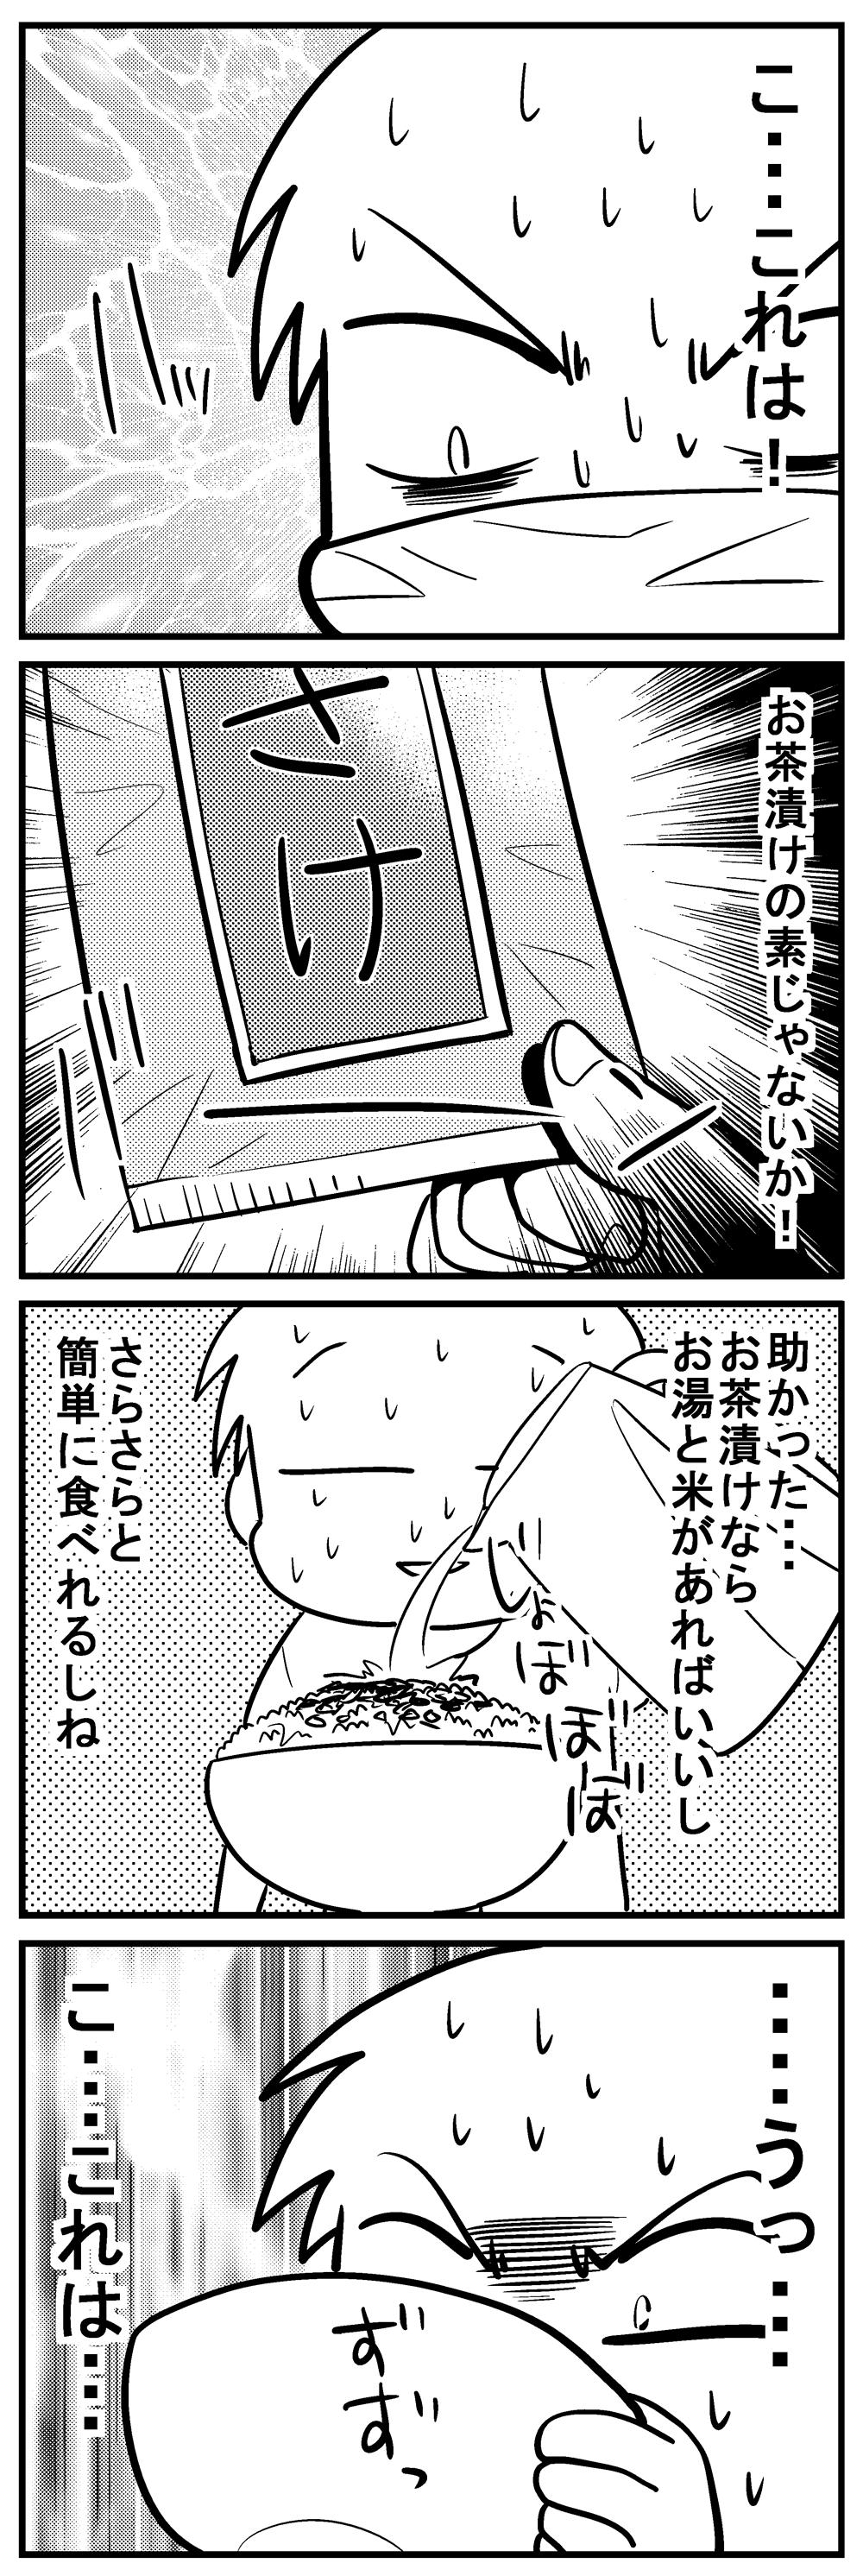 深読みくん65-3